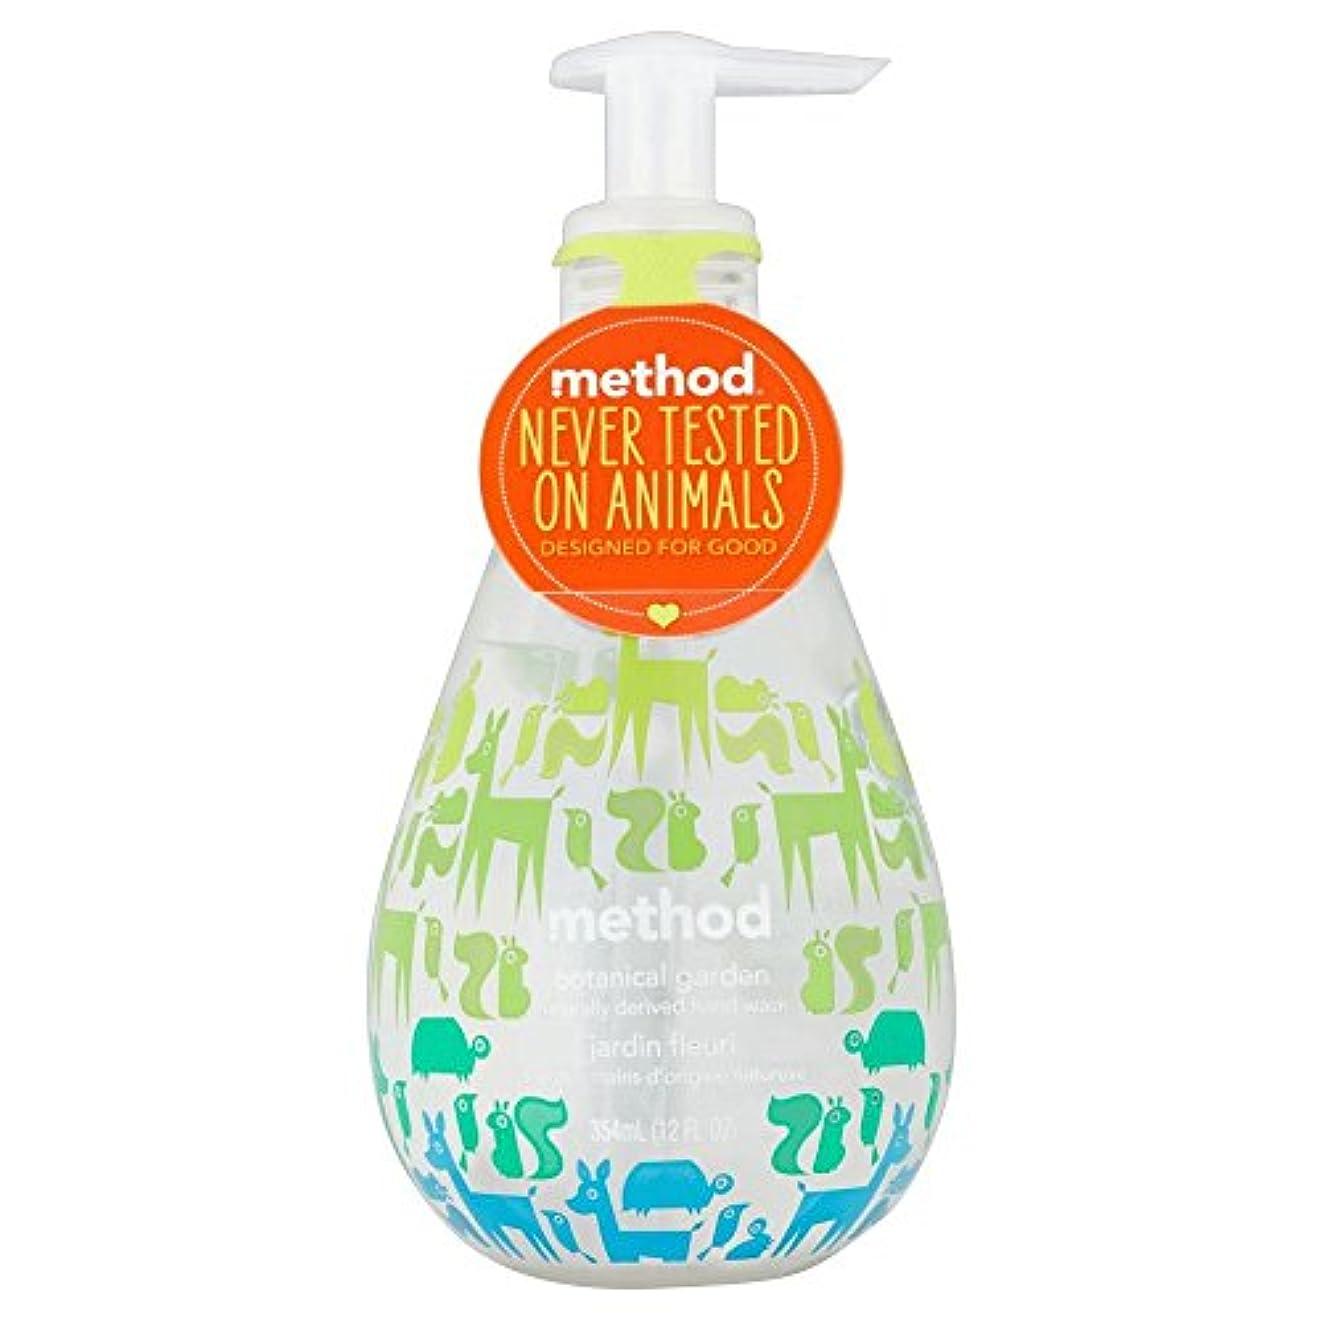 トレイル壮大な暴力Method Hand Wash - Botanical Garden (354ml) メソッドハンドウォッシュ - 植物園( 354ミリリットル) [並行輸入品]